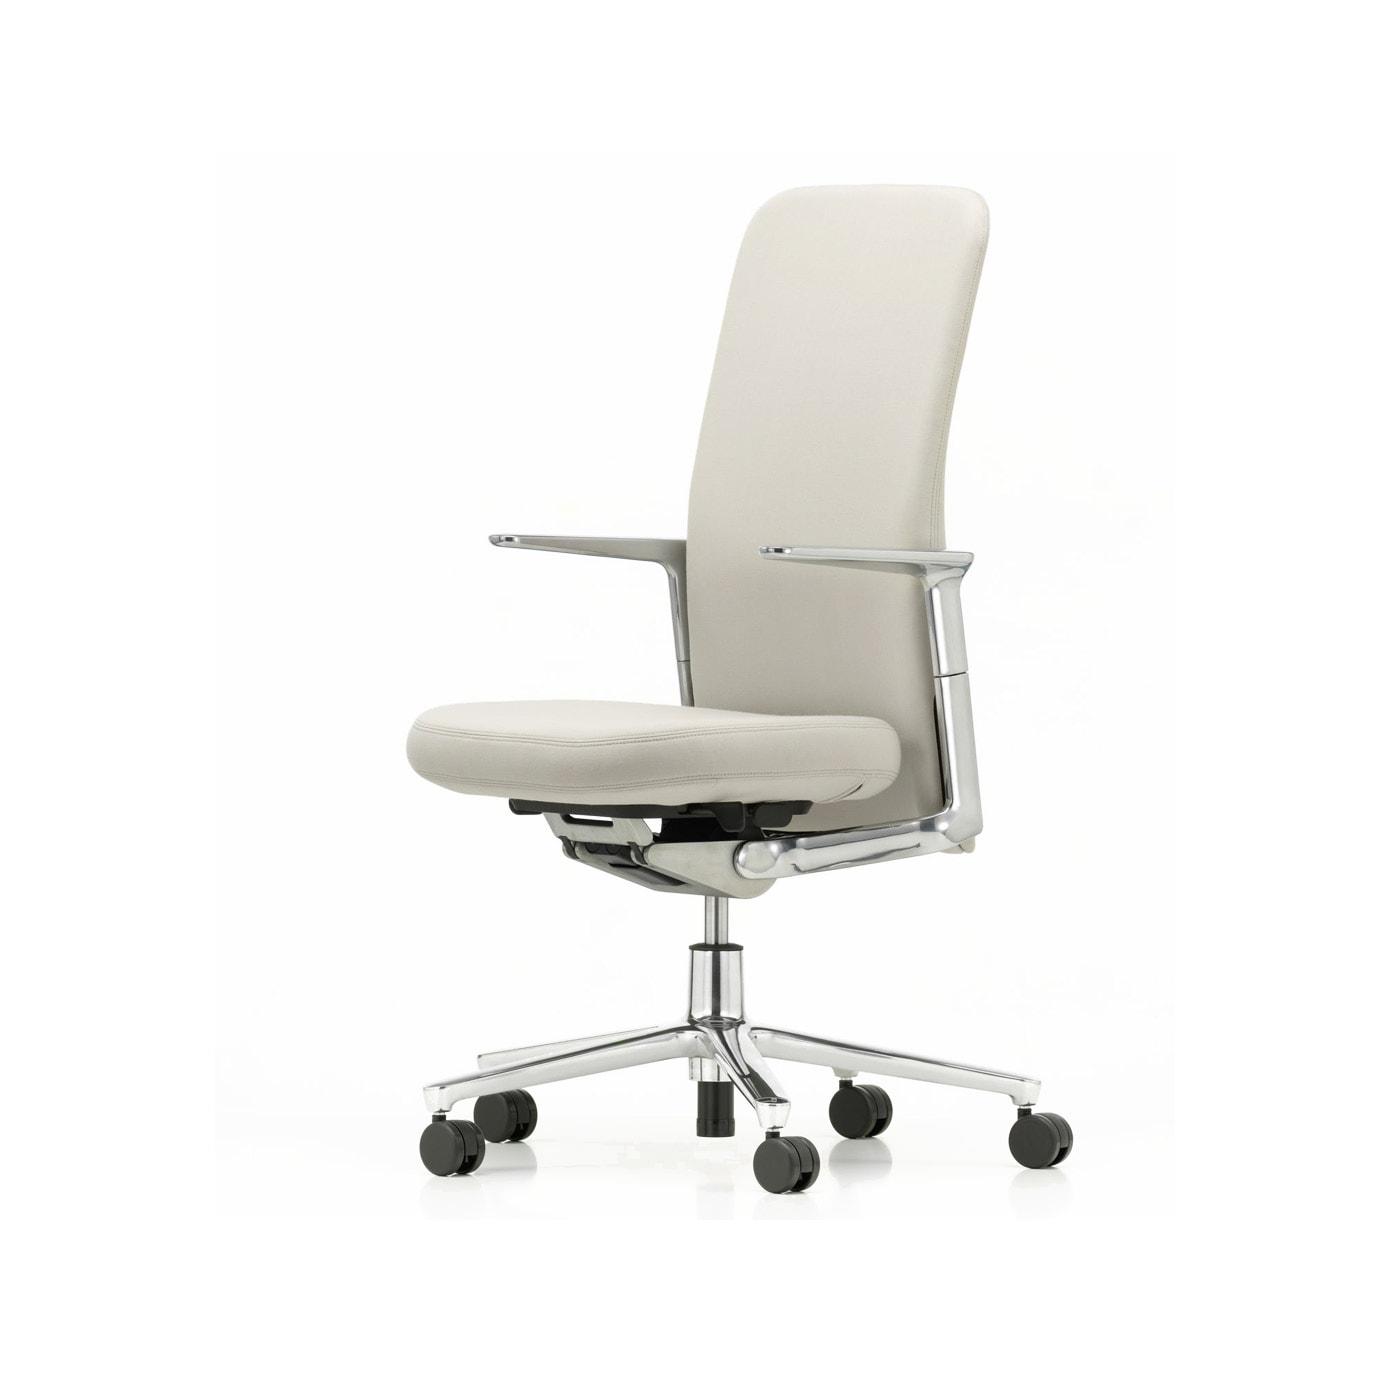 VITRA Pacific Chair poltrona ufficio